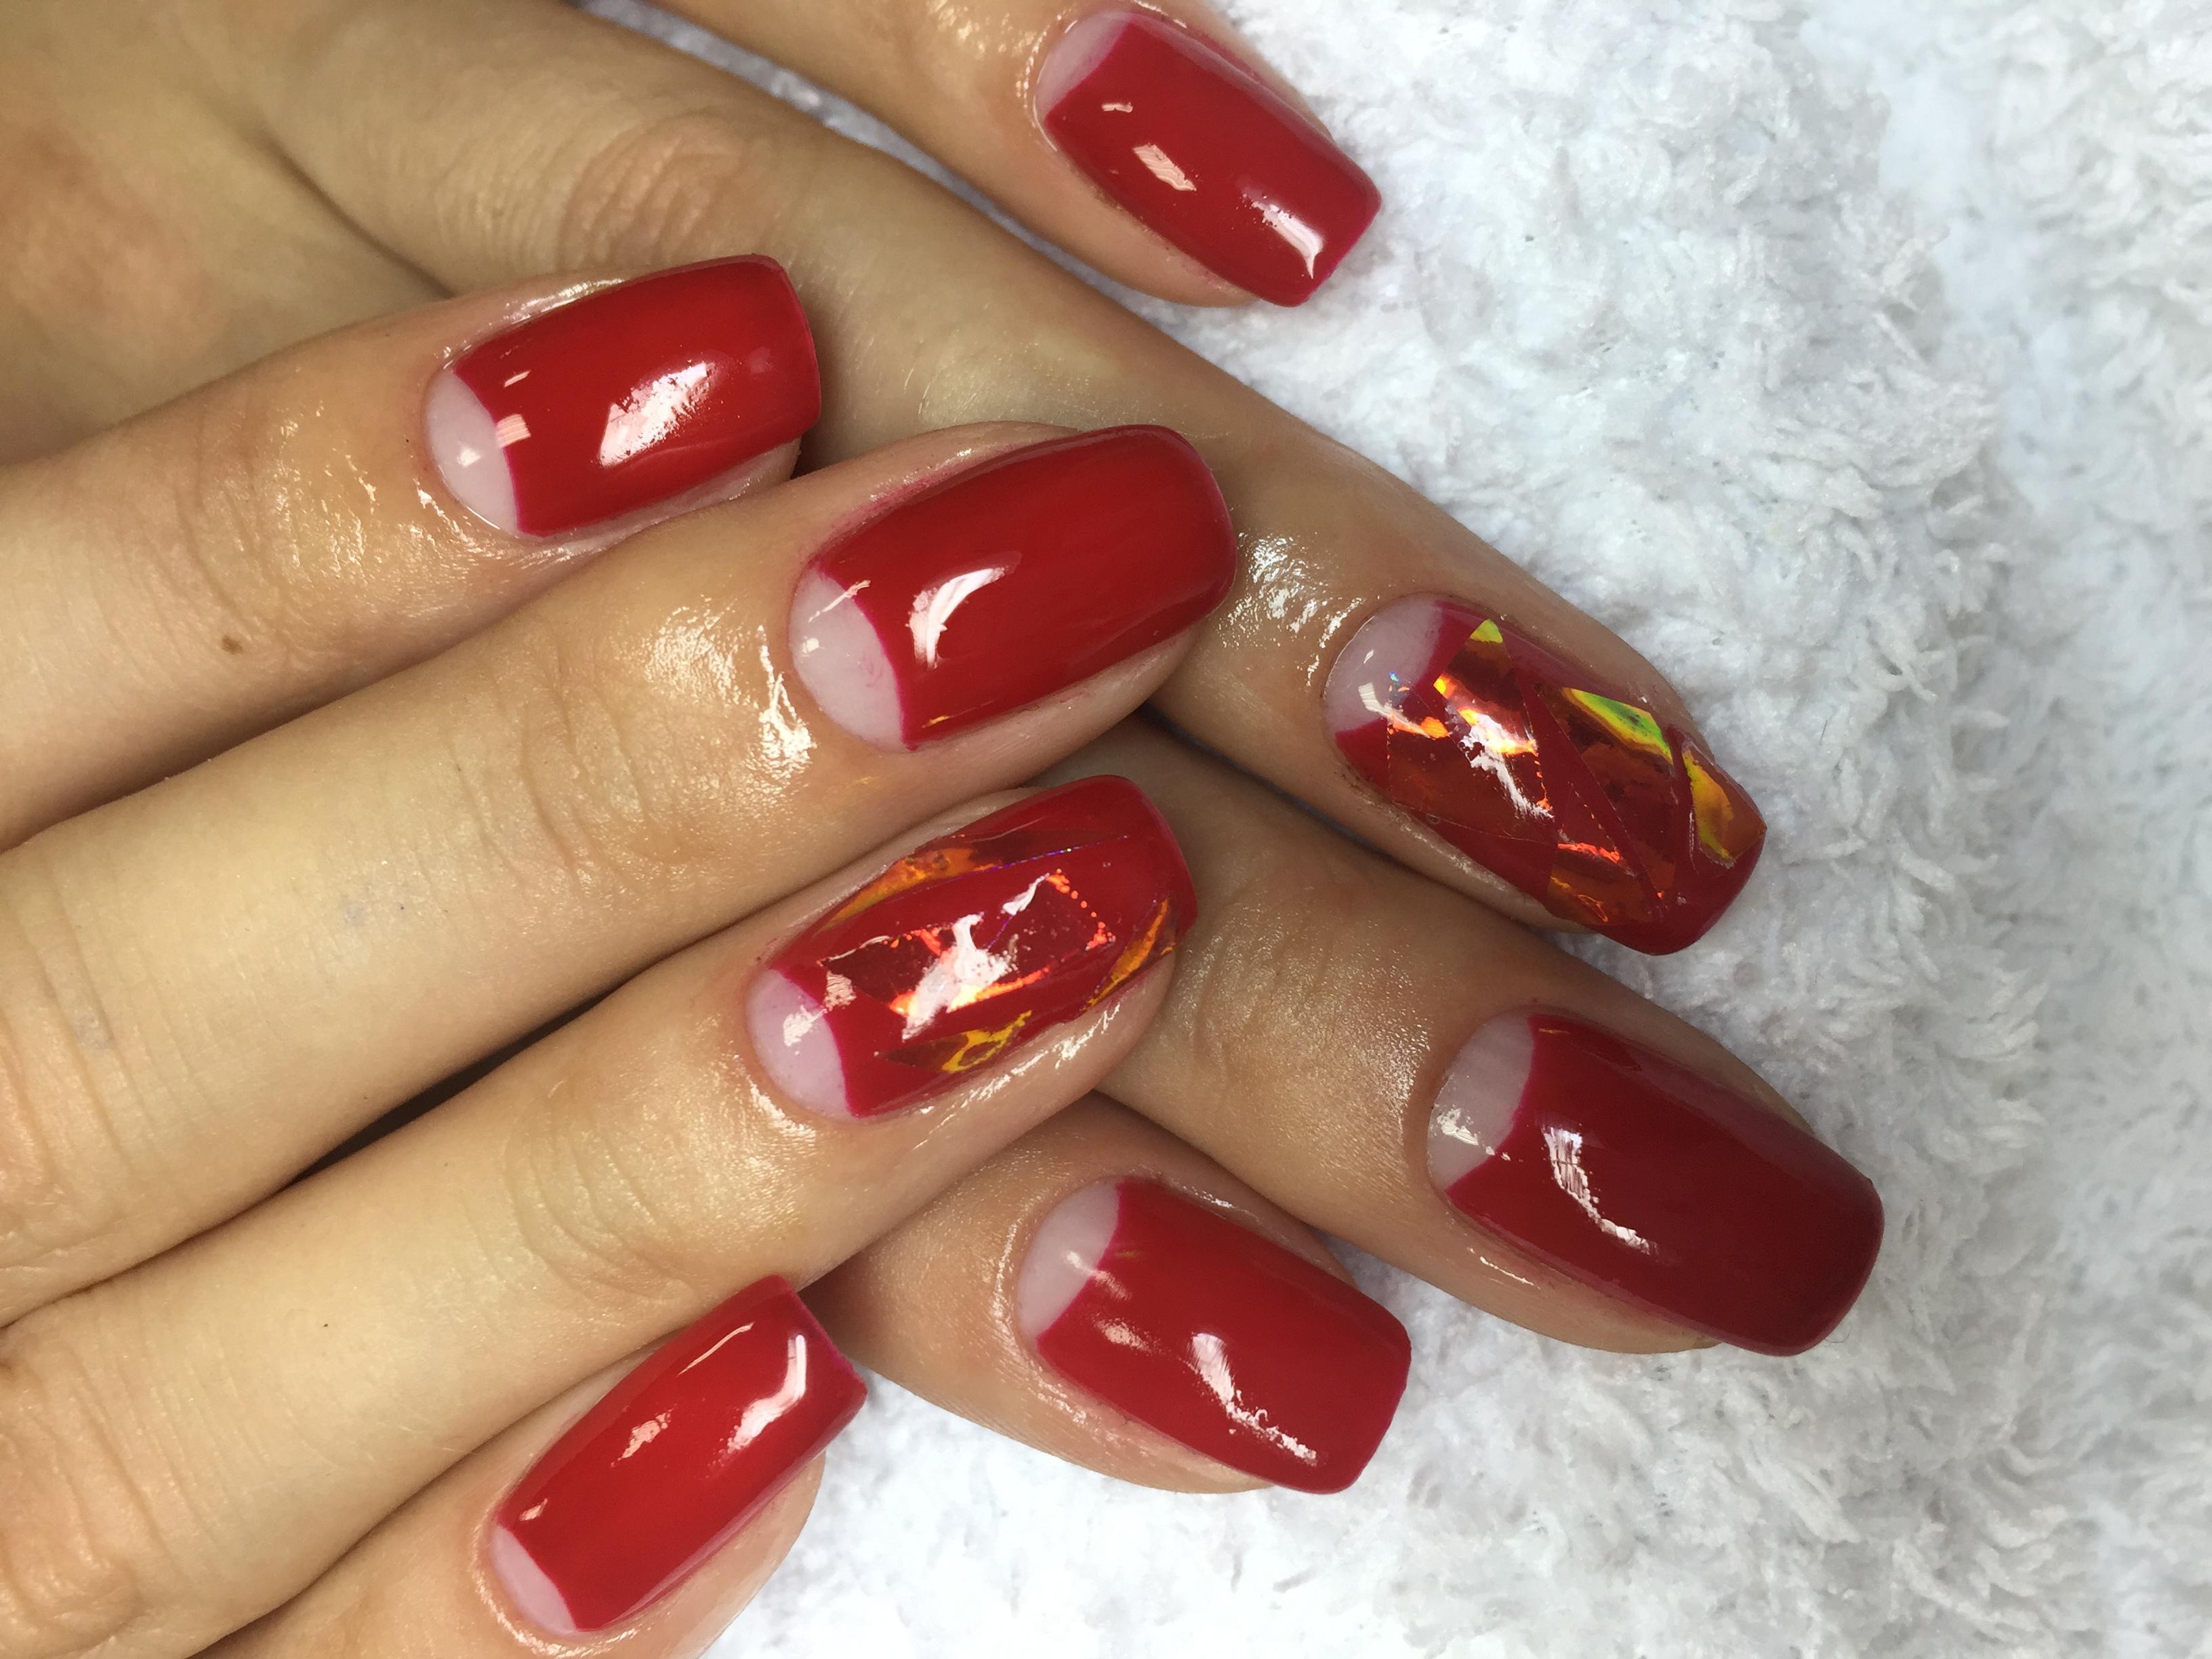 Битое стекло и лунный френч в красном цвете